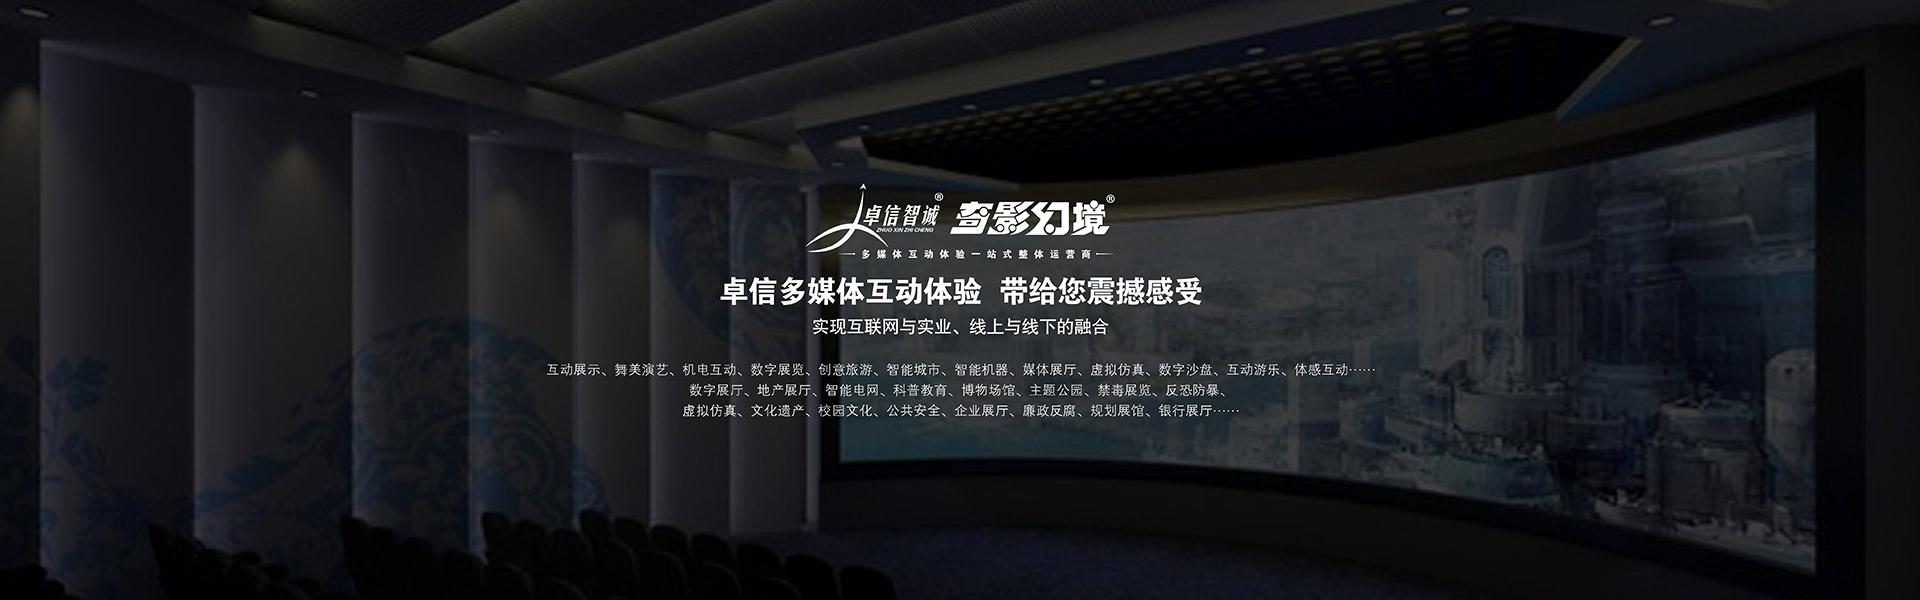 高平安全体验XD超强虚拟现实高平安全体验虚拟本垒打体验高平安全体验科学点餐设备高平安全体验120~360度环幕3D立体展示系统高平安全体验弧幕5D影院